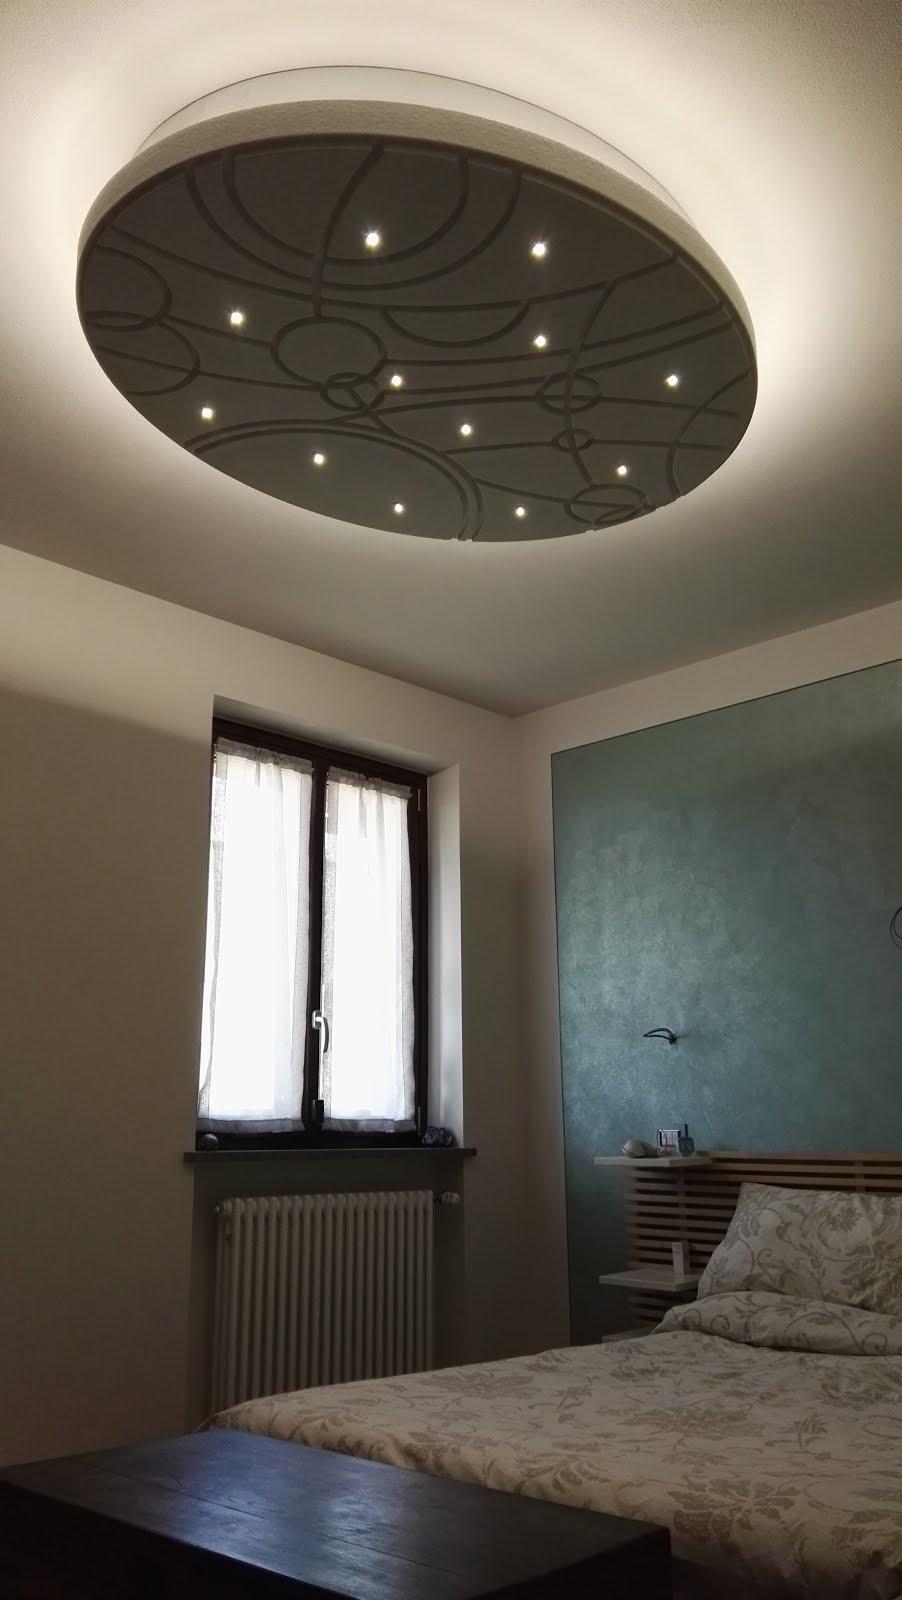 Illuminazione led casa - Lampadari a led per casa ...